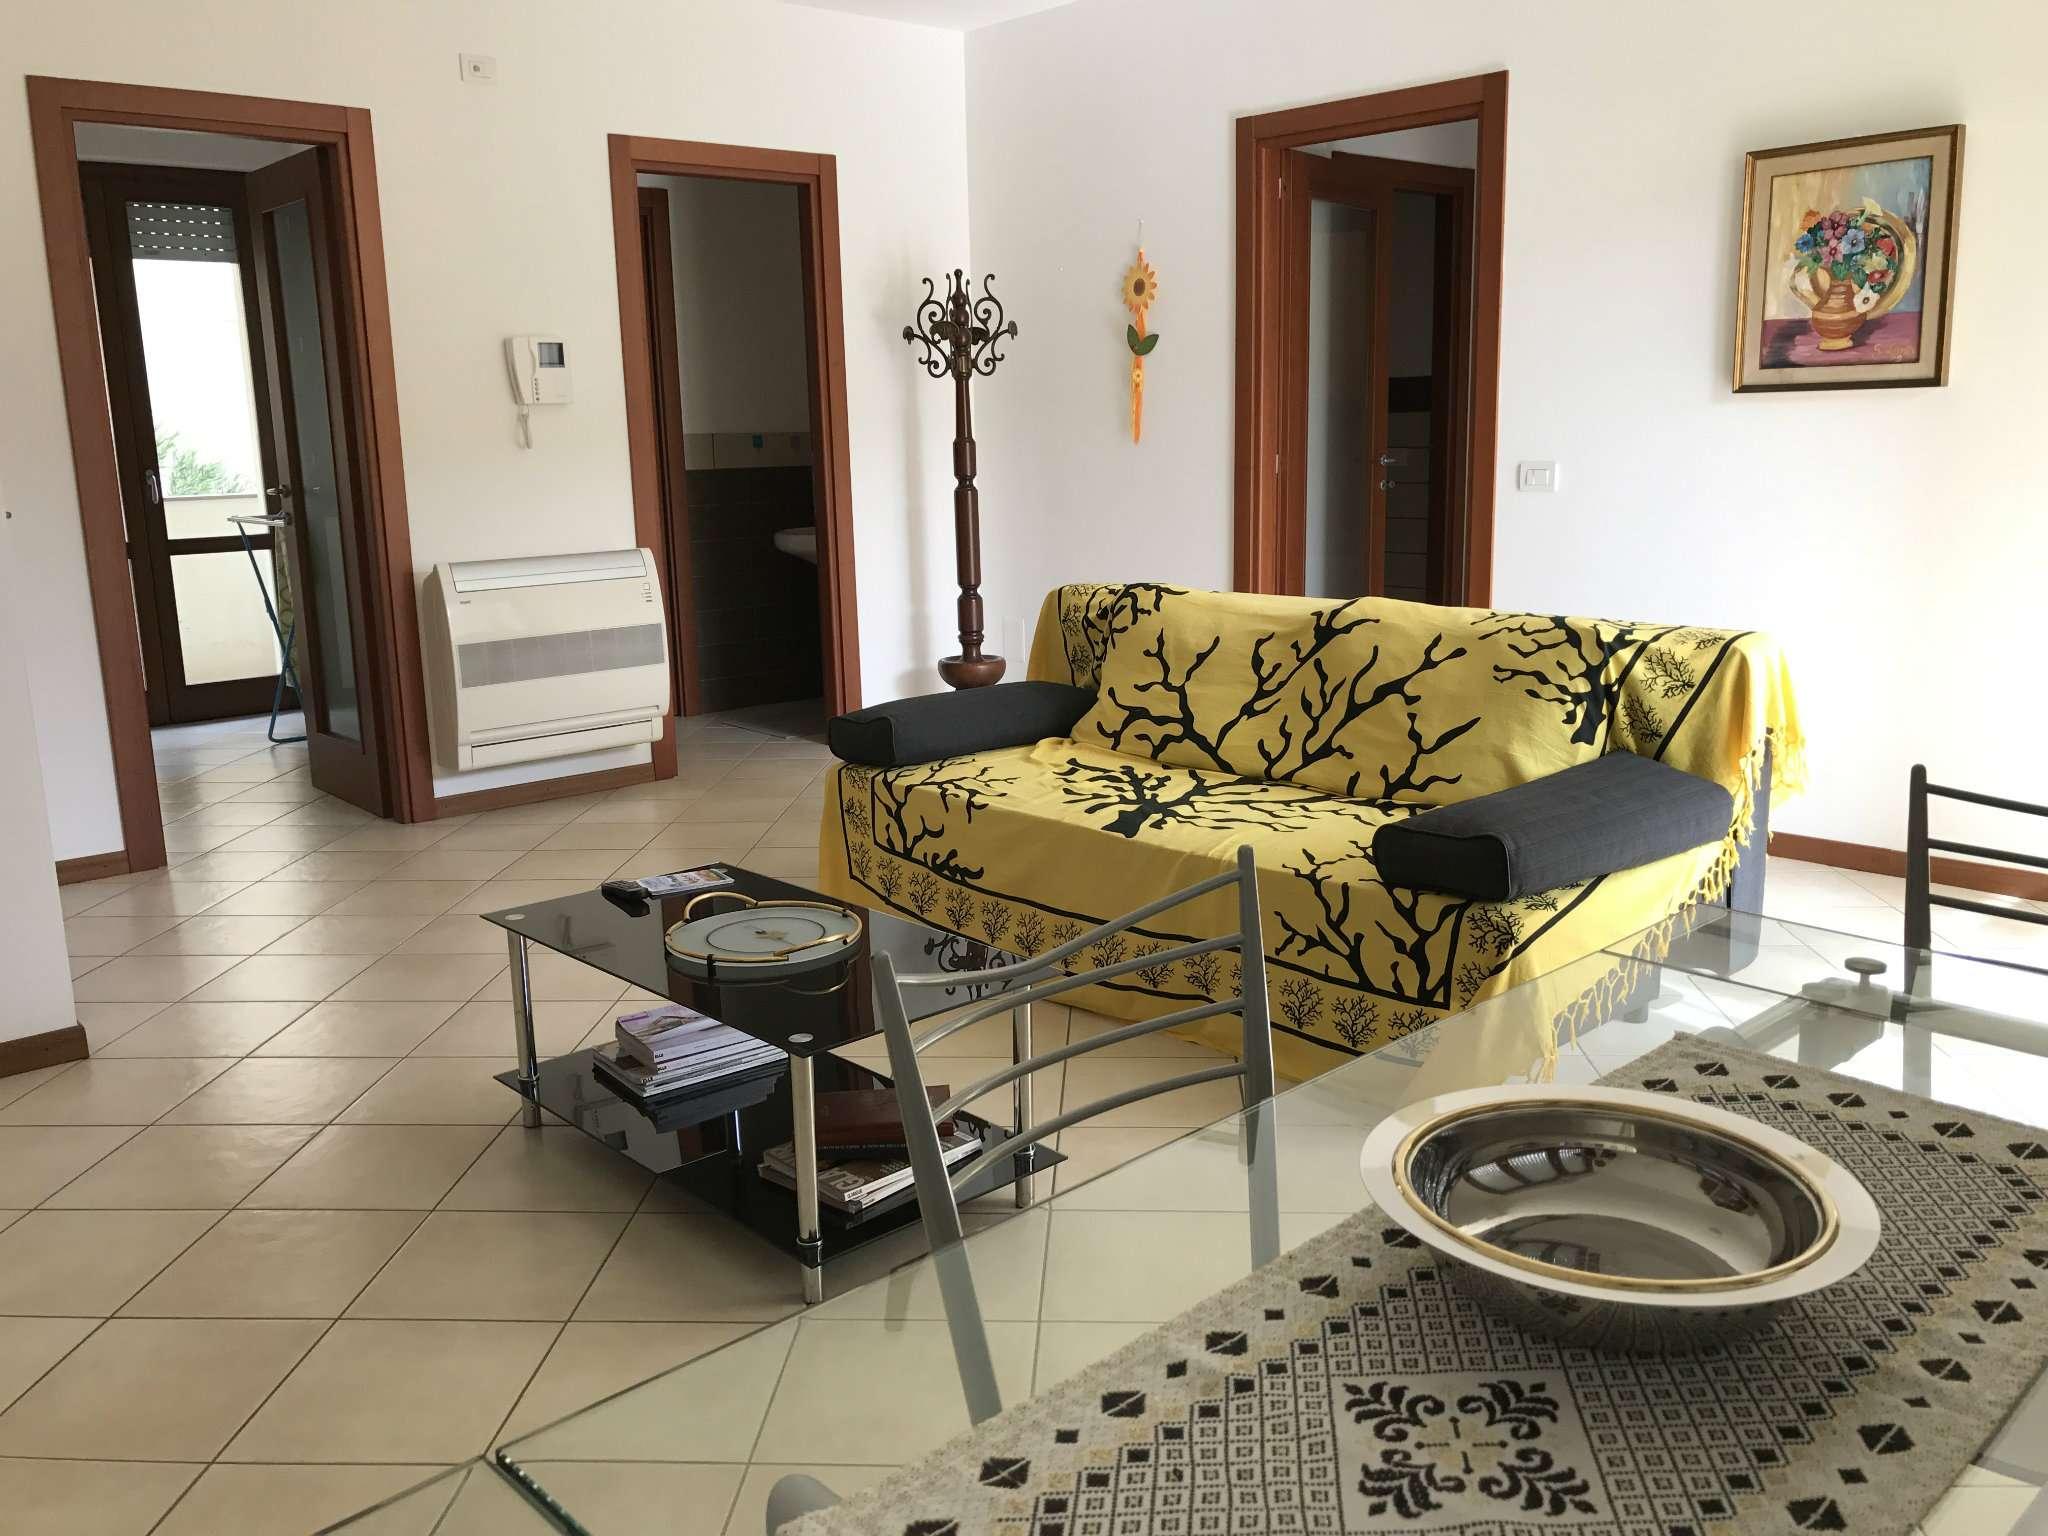 Appartamento in vendita a Alghero, 5 locali, prezzo € 245.000 | Cambio Casa.it